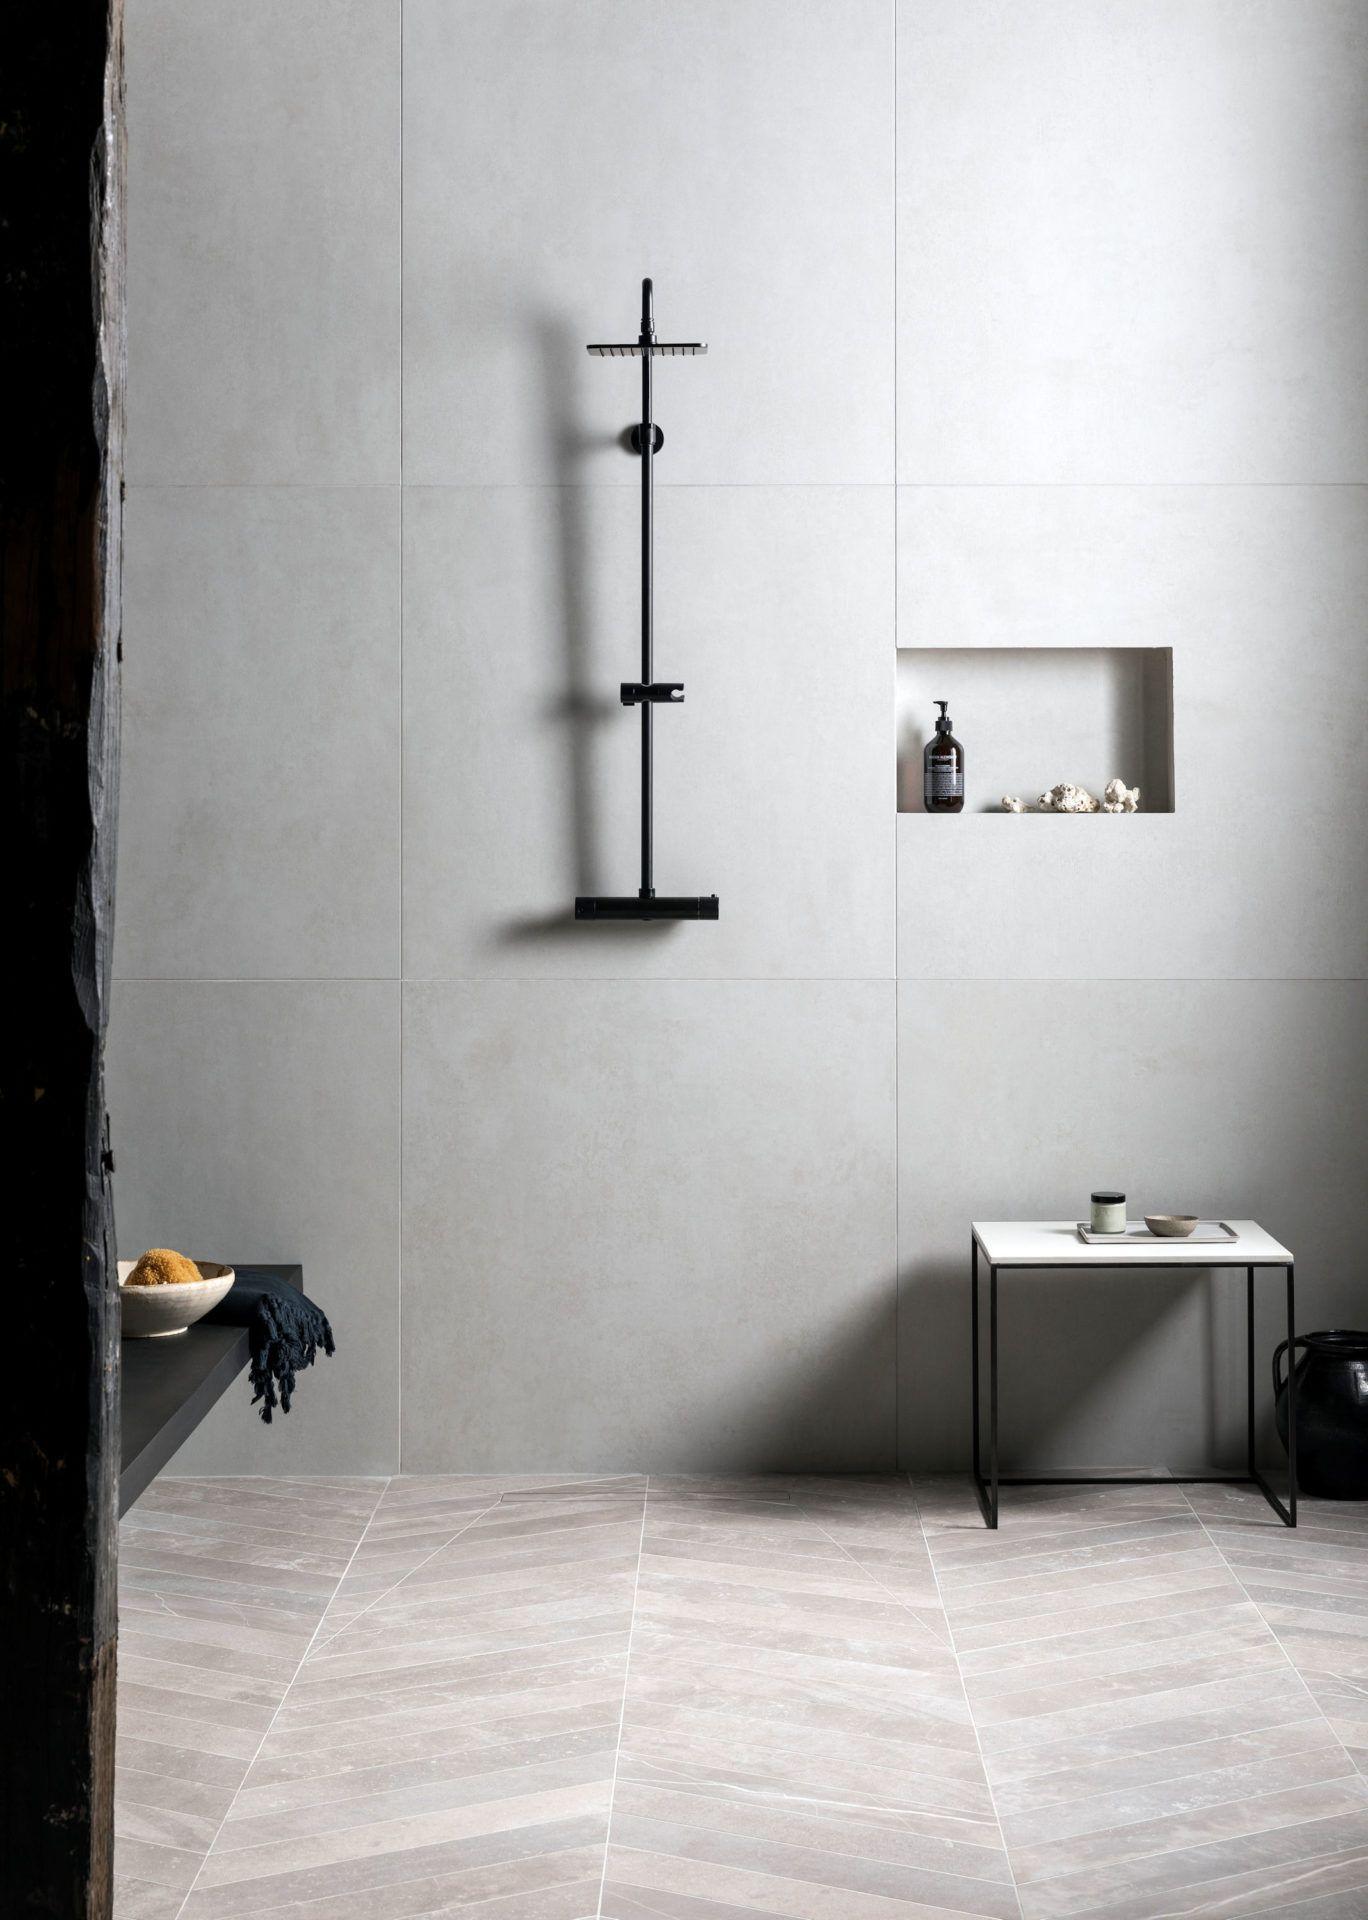 Cemento White Matt Porcelain Tiles Mandarin Stone Stone Tile Bathroom Mandarin Stone White Stone Tiles